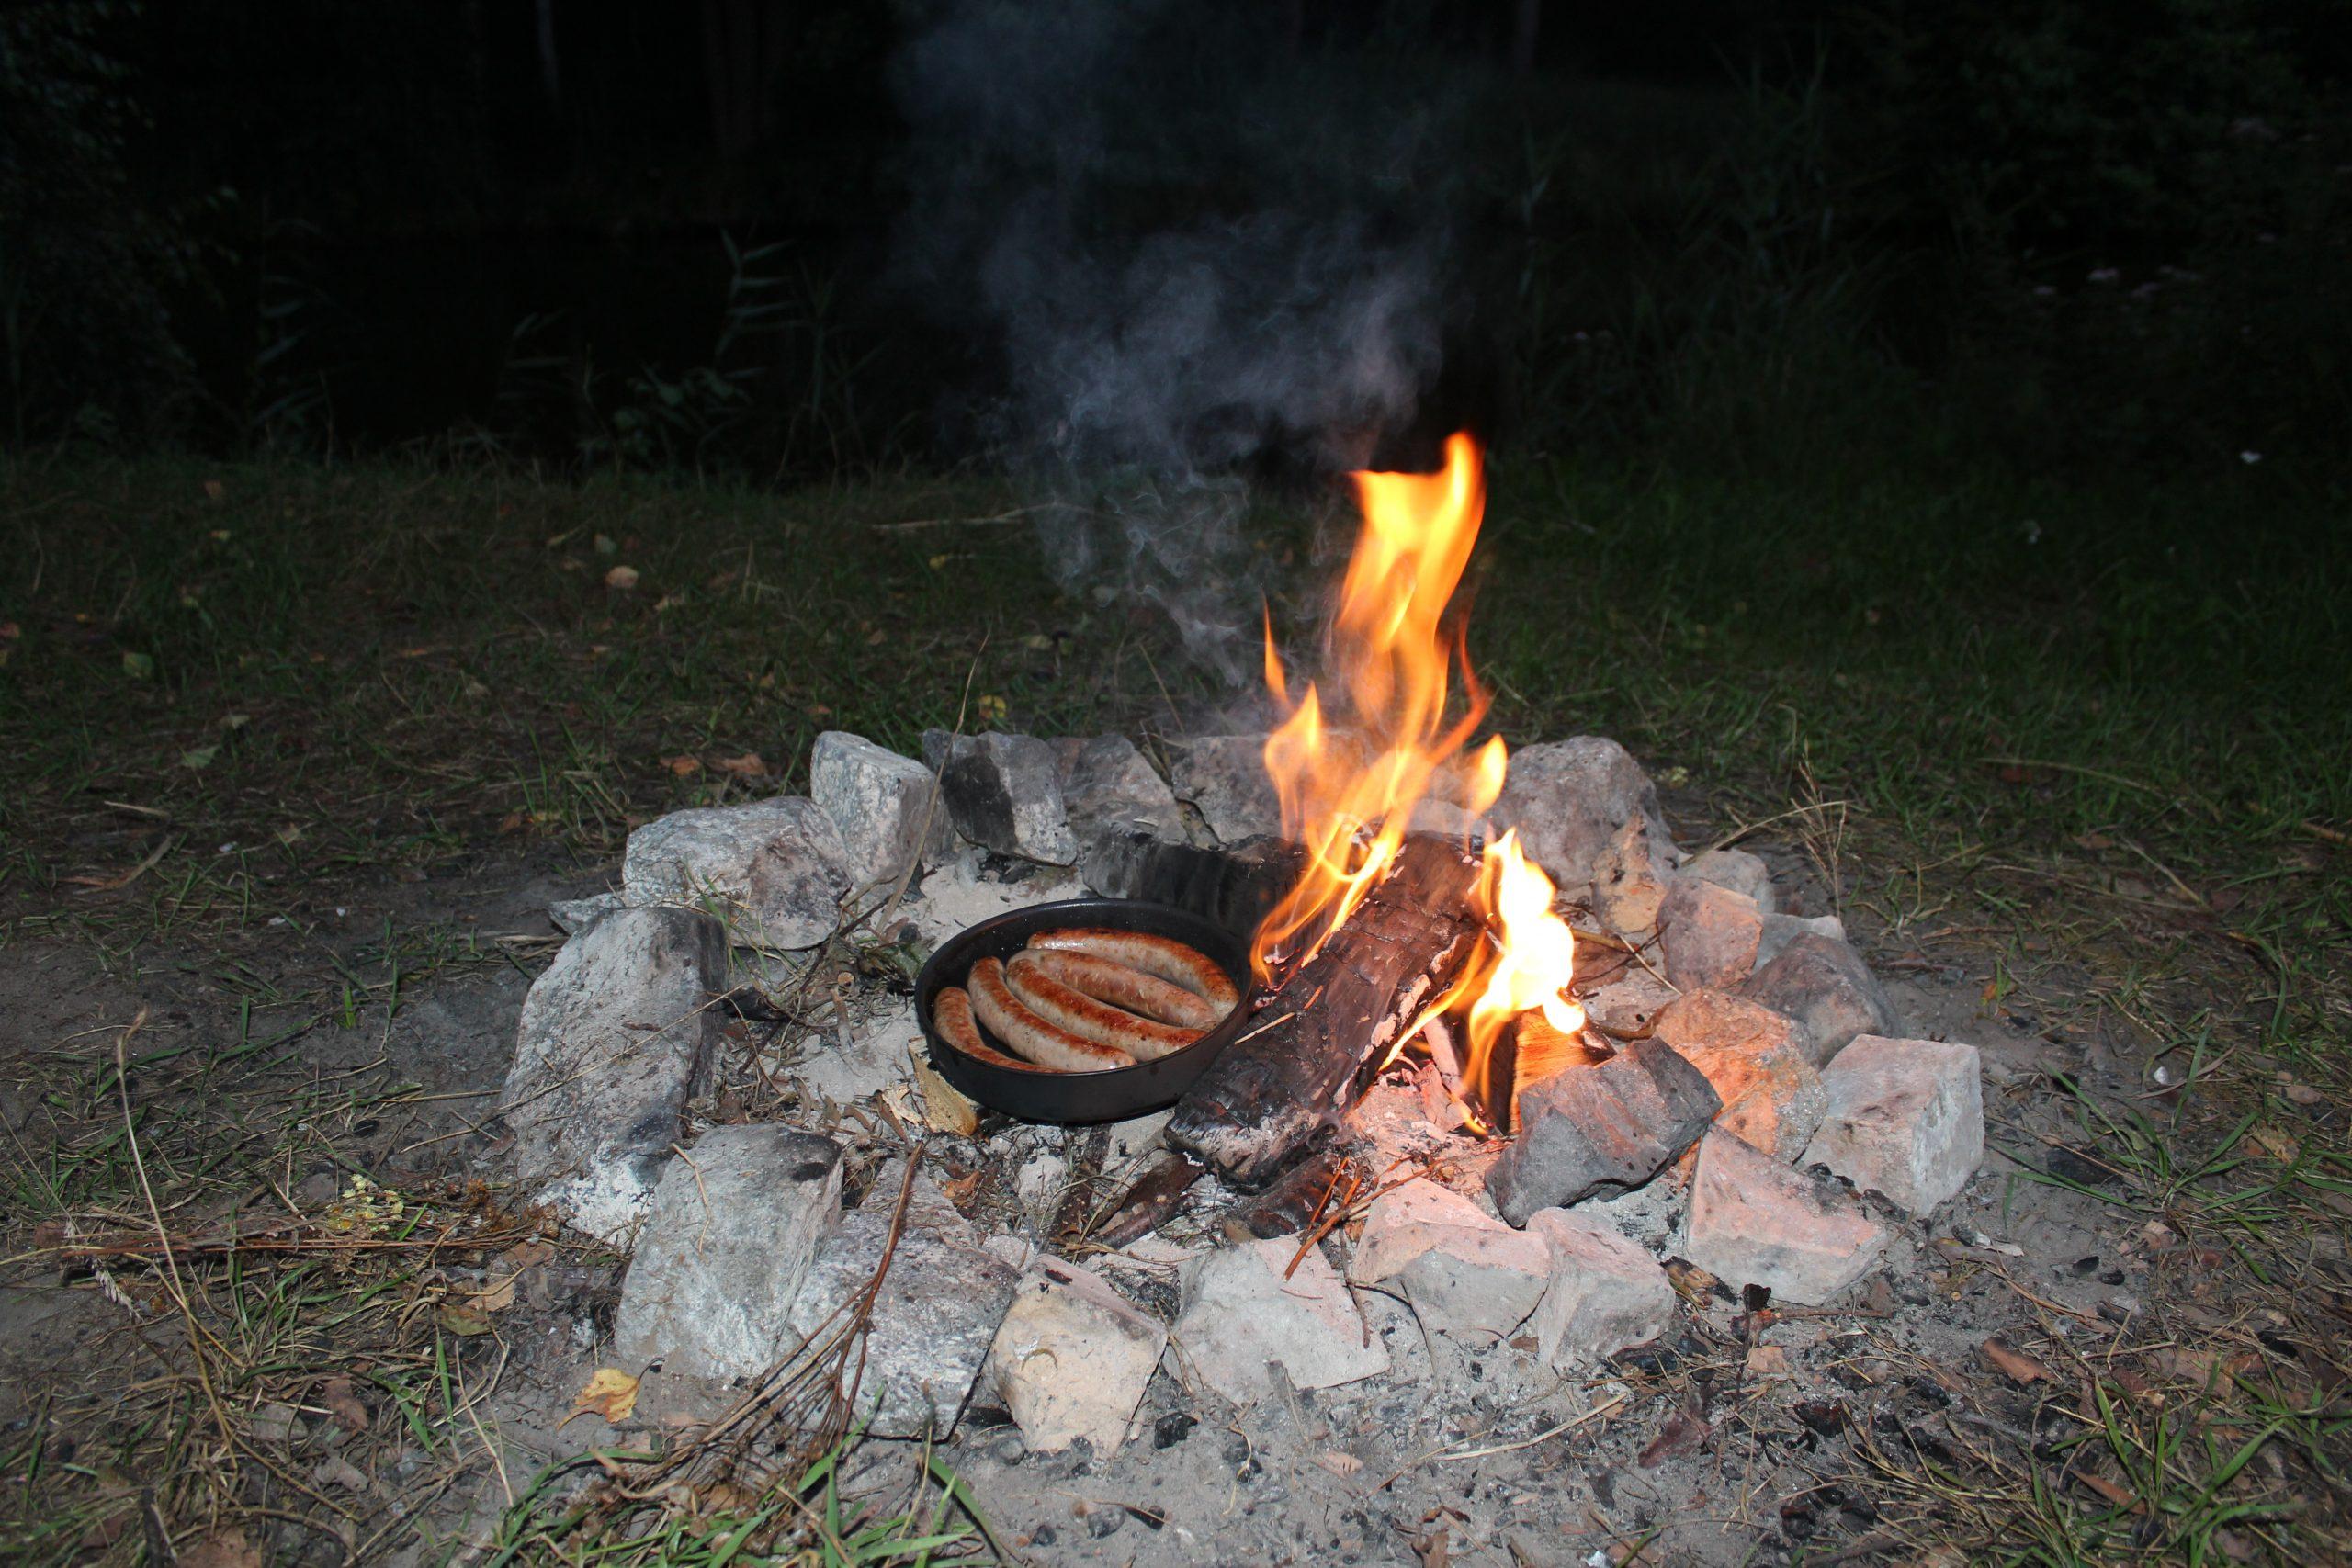 Lieblingsessen von Zeltkindern: Ideenübersicht unzähliger Camping-Gerichte